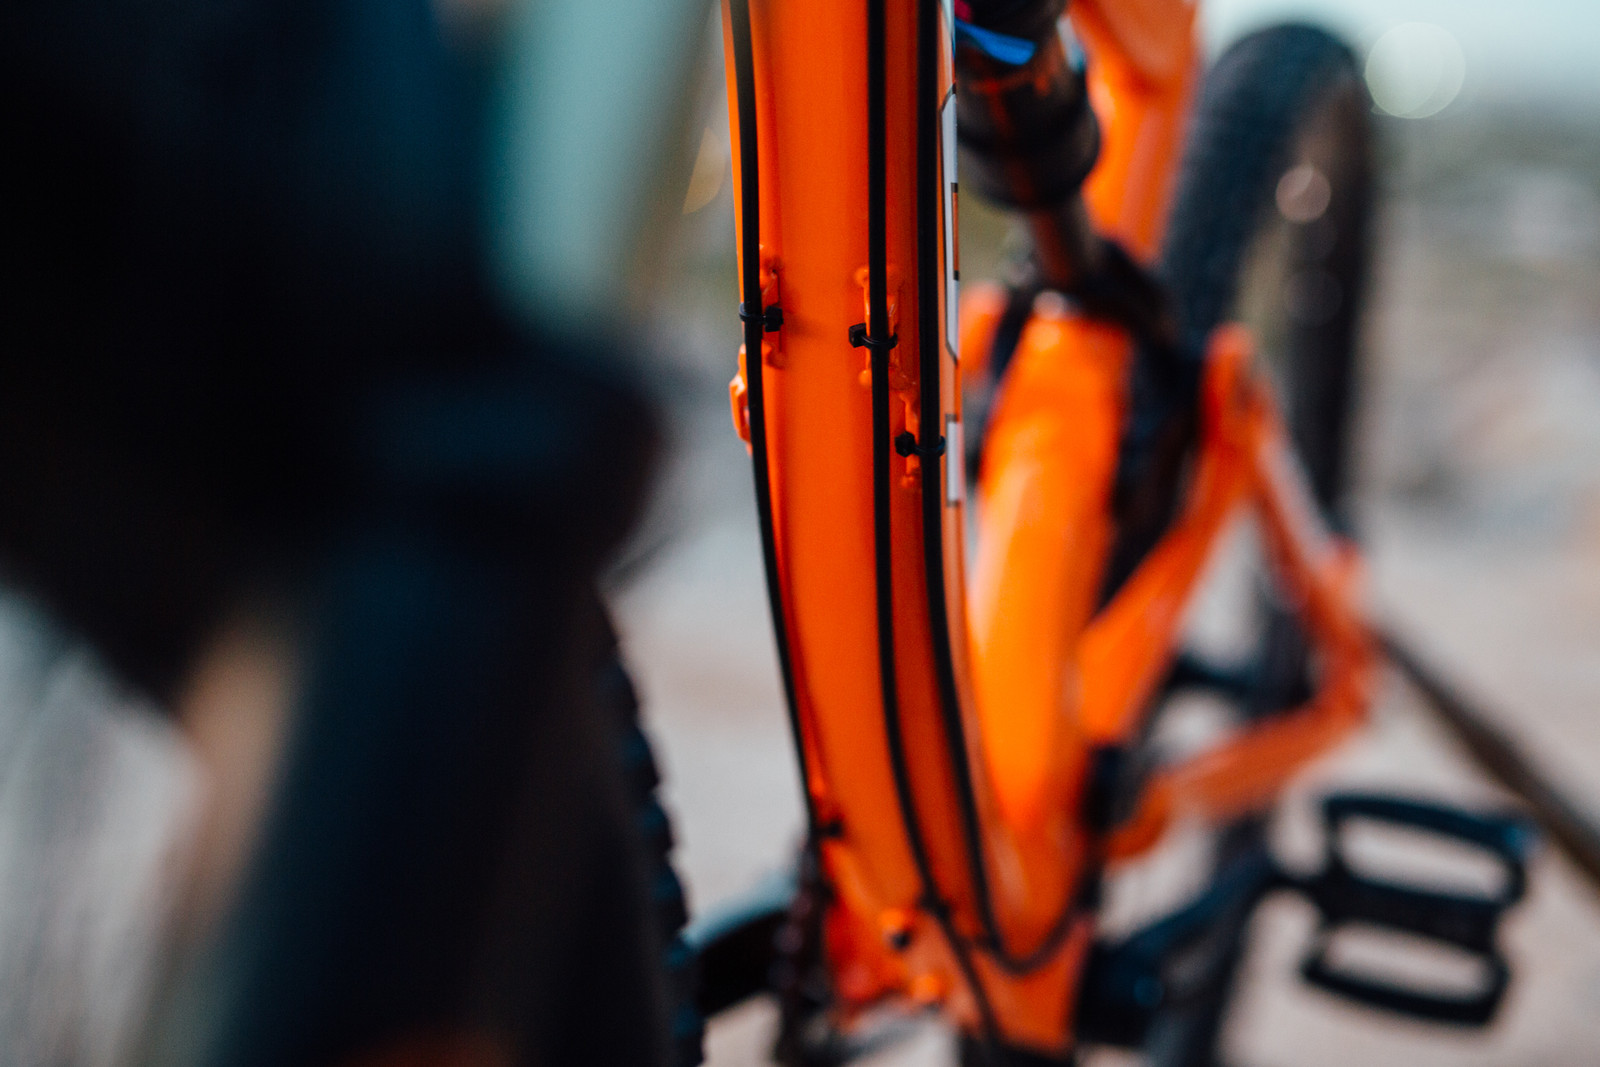 Pivot Mach 6 Aluminum X1 - 2016 Vital MTB Test Sessions - Pivot Mach 6 Aluminum X1 - 2016 Vital MTB Test Sessions - Mountain Biking Pictures - Vital MTB